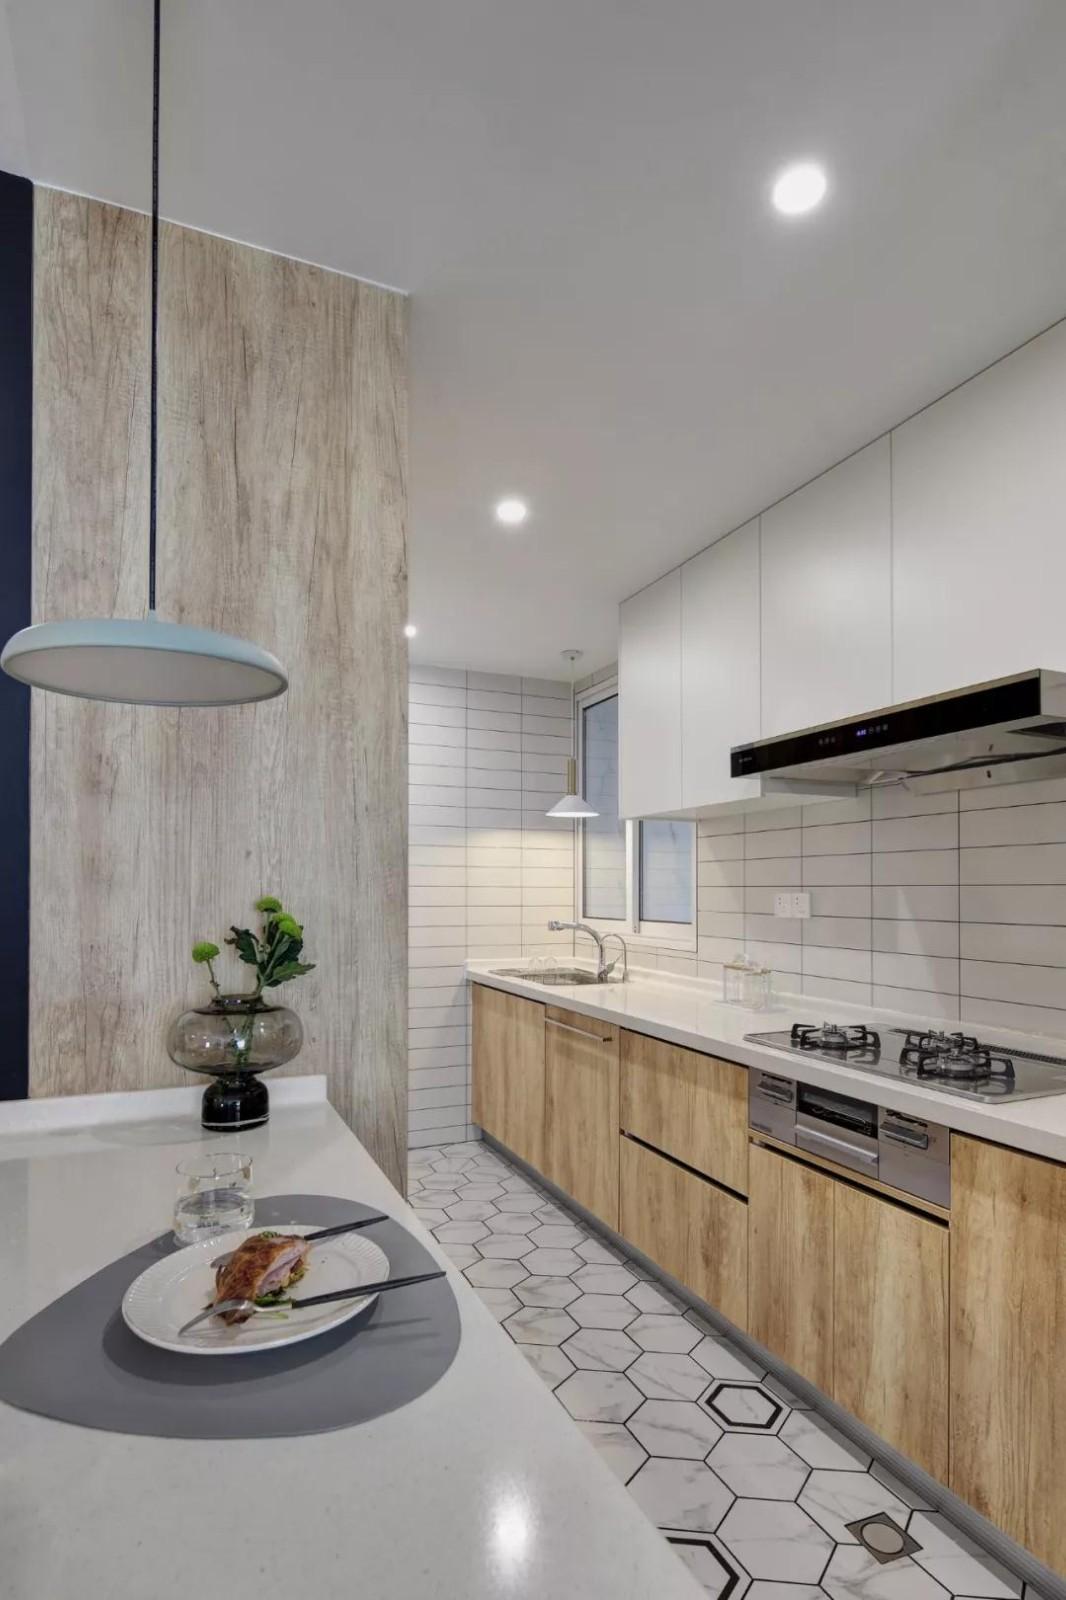 2019北欧厨房装修图 2019北欧厨房岛台装饰设计